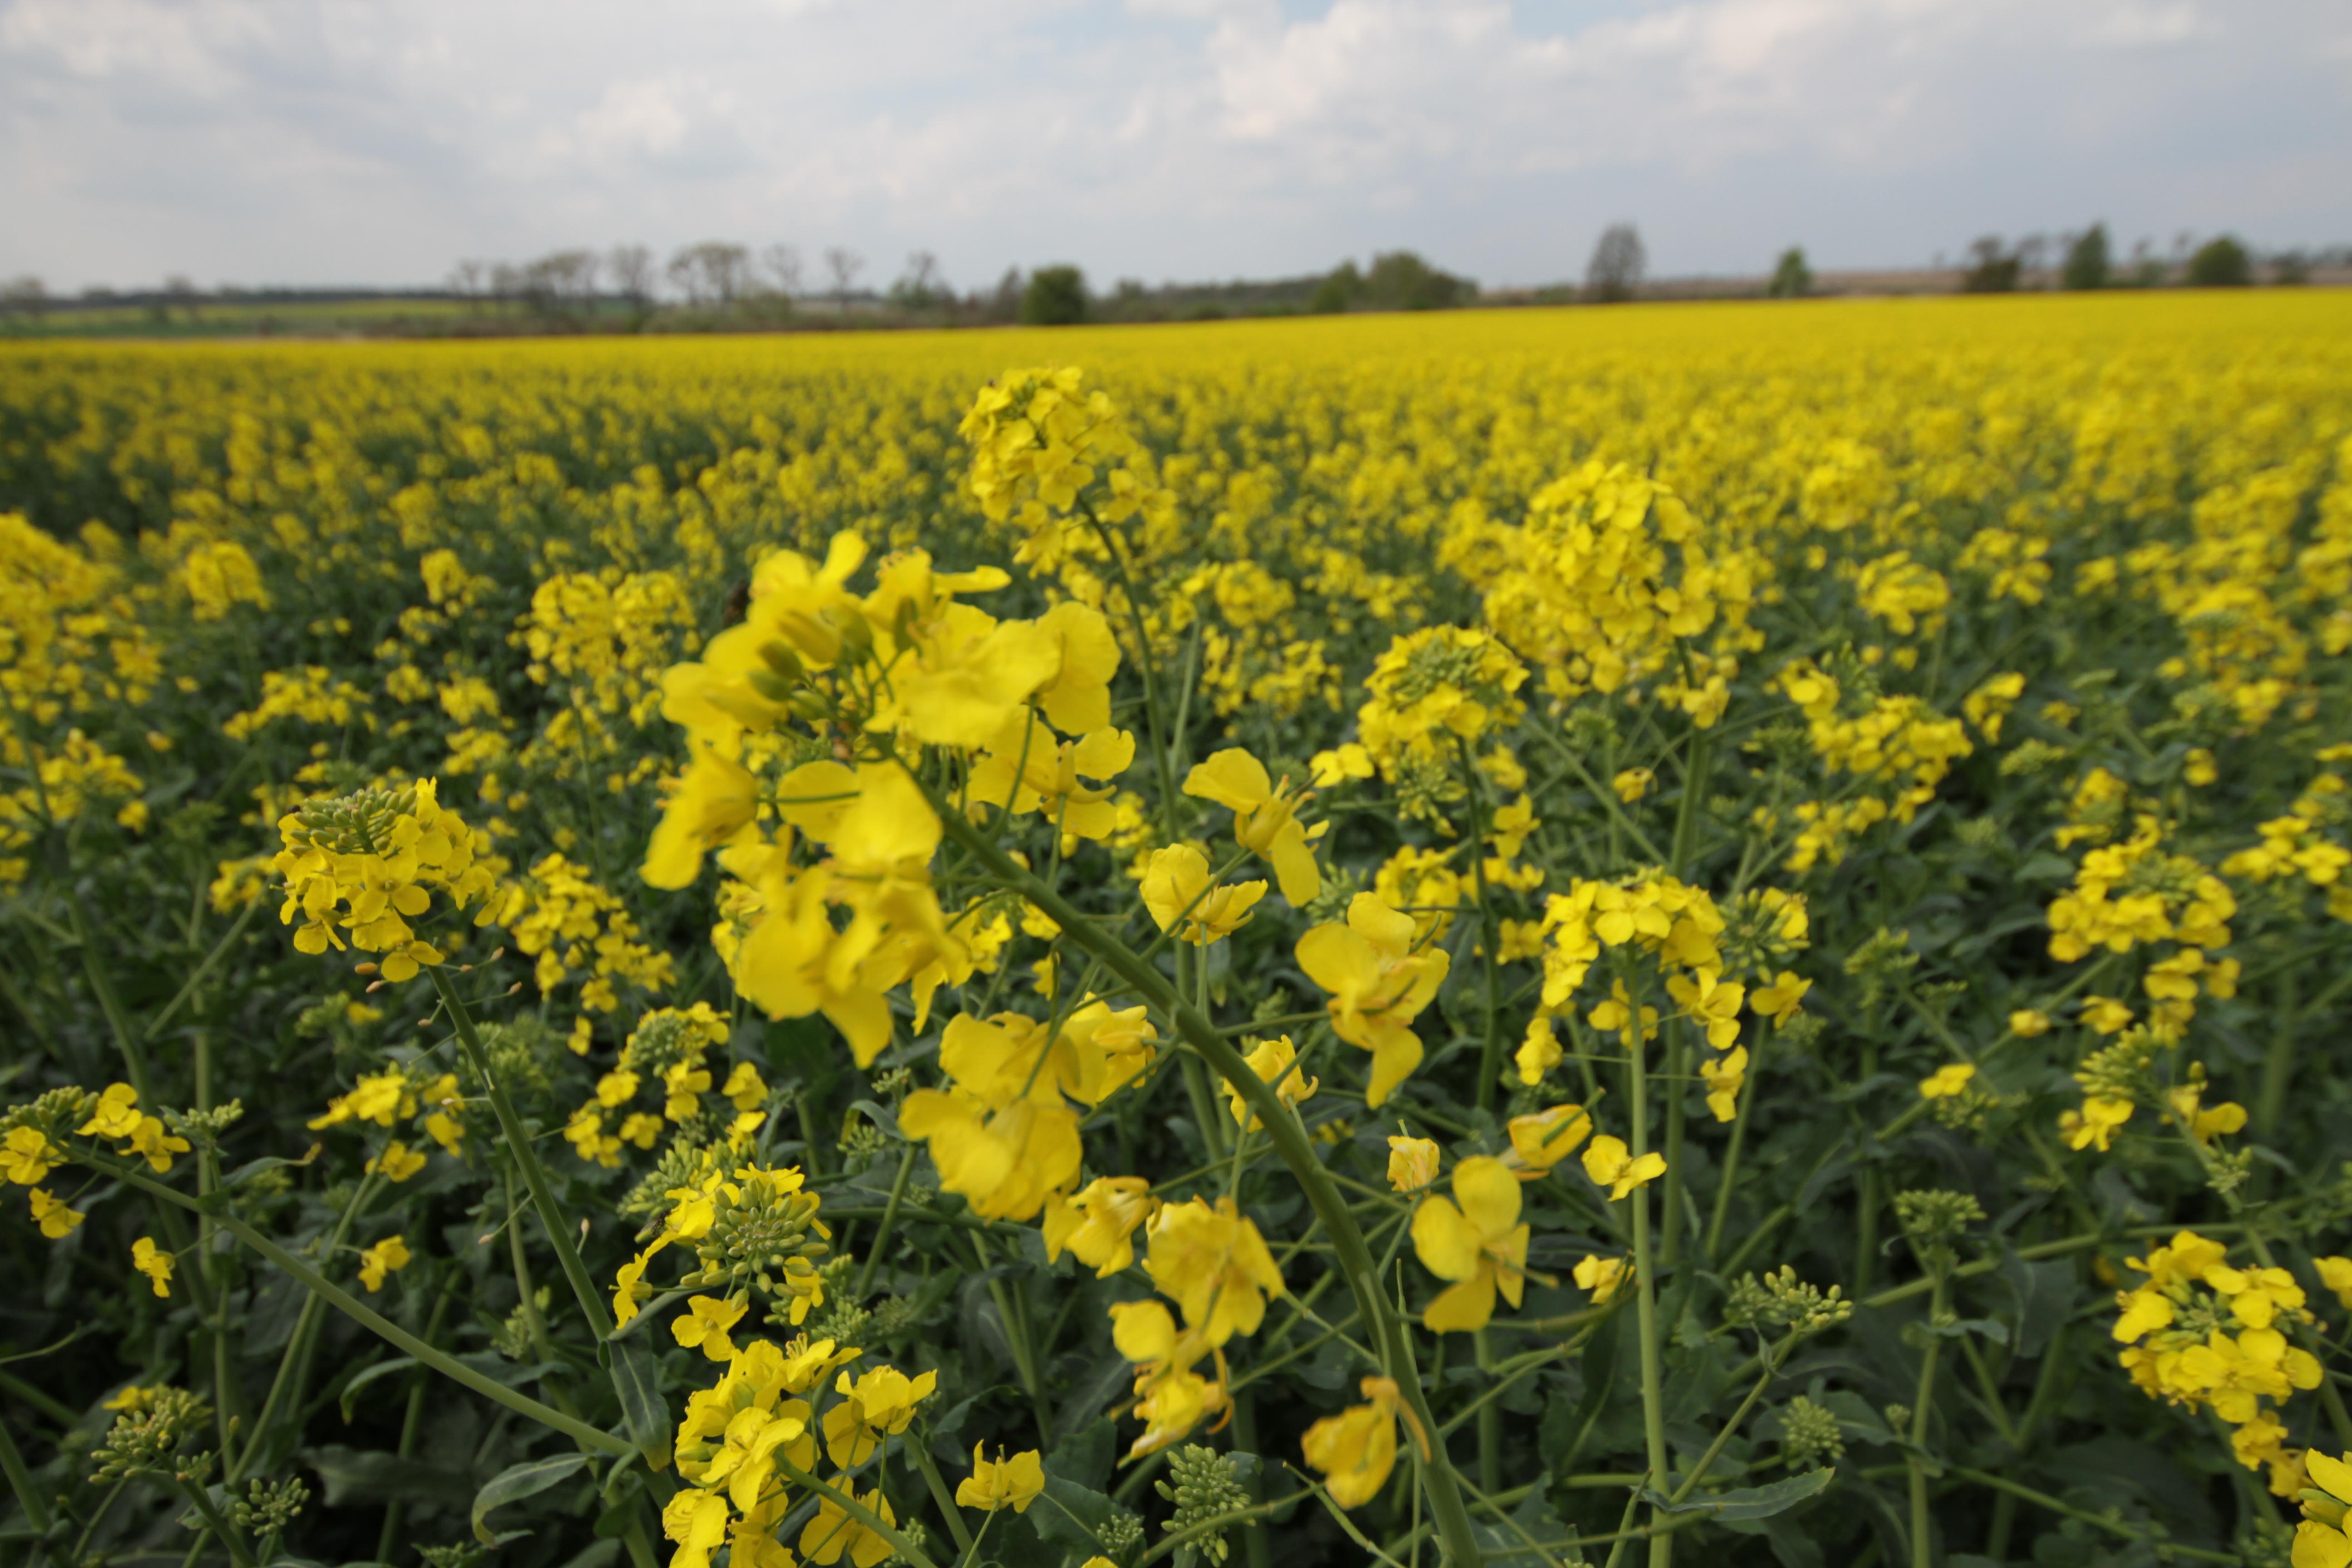 Notowania zbóż i oleistych. Ropa drożeje po decyzji o ograniczeniu wydobycia. Rzepak najwyżej od 2,5 roku (30.11.2016)